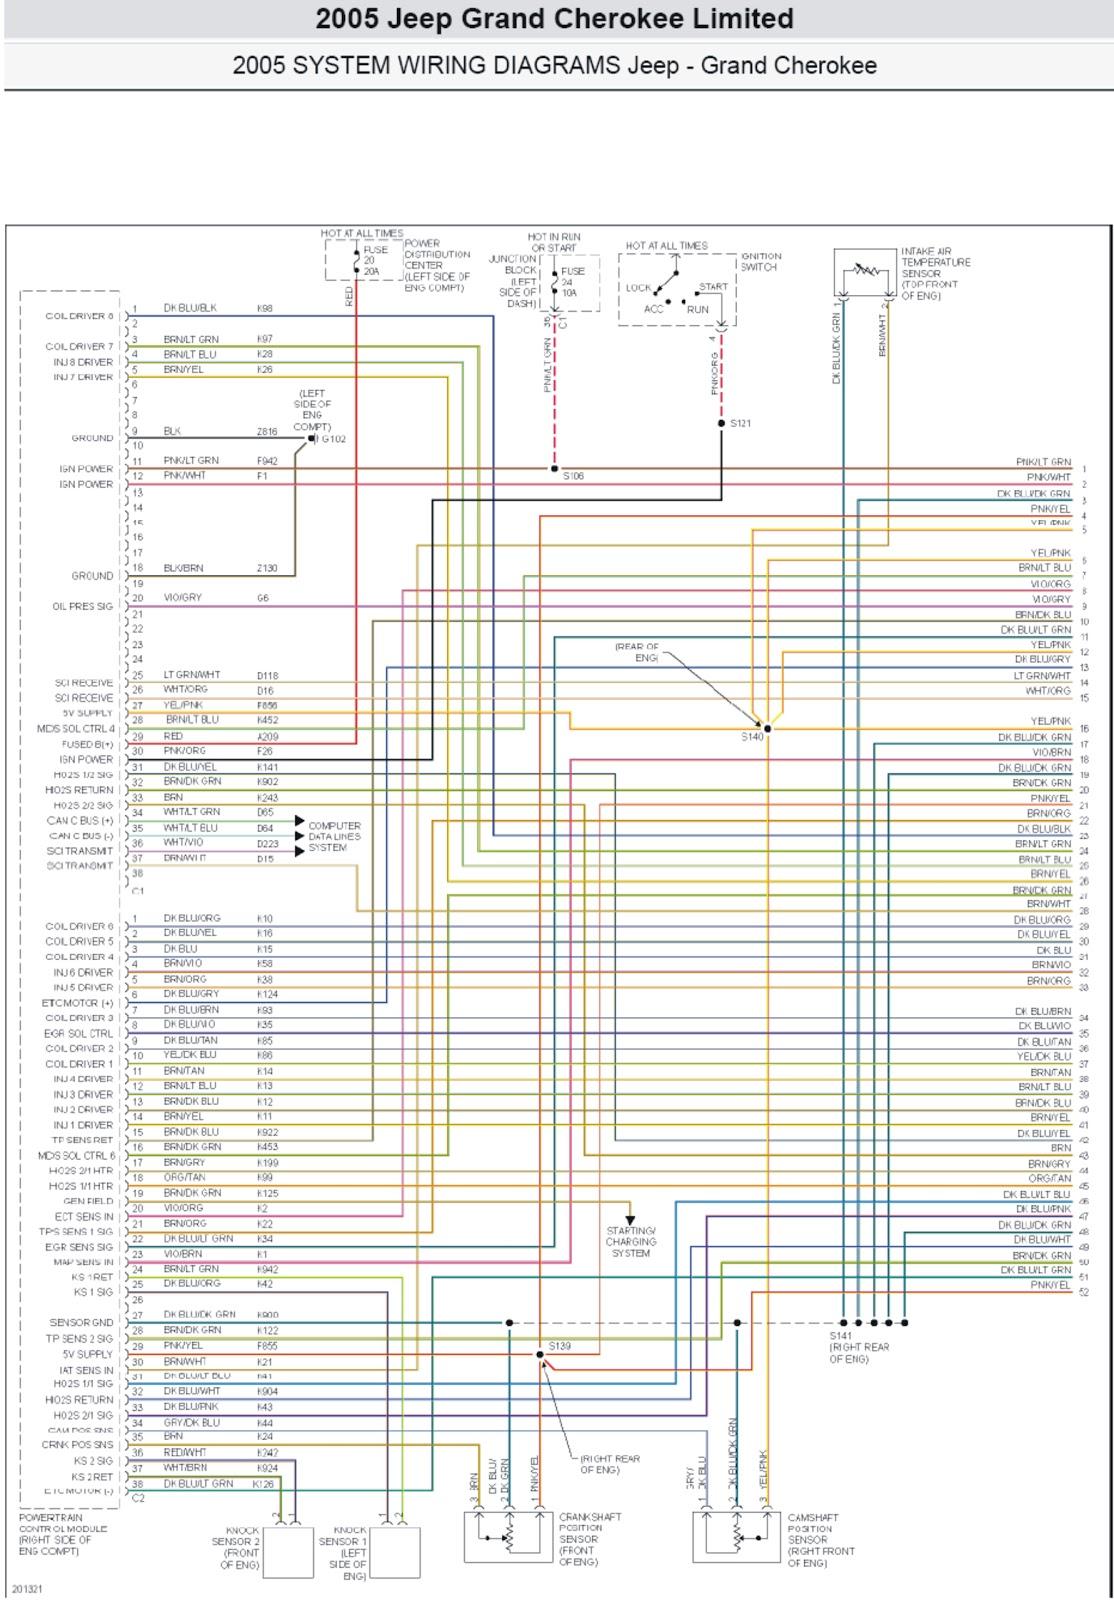 2005 grand cherokee wiring diagram wiring diagrams wni jeep grand cherokee wiring diagram 2014 jeep grand cherokee wiring [ 1114 x 1600 Pixel ]